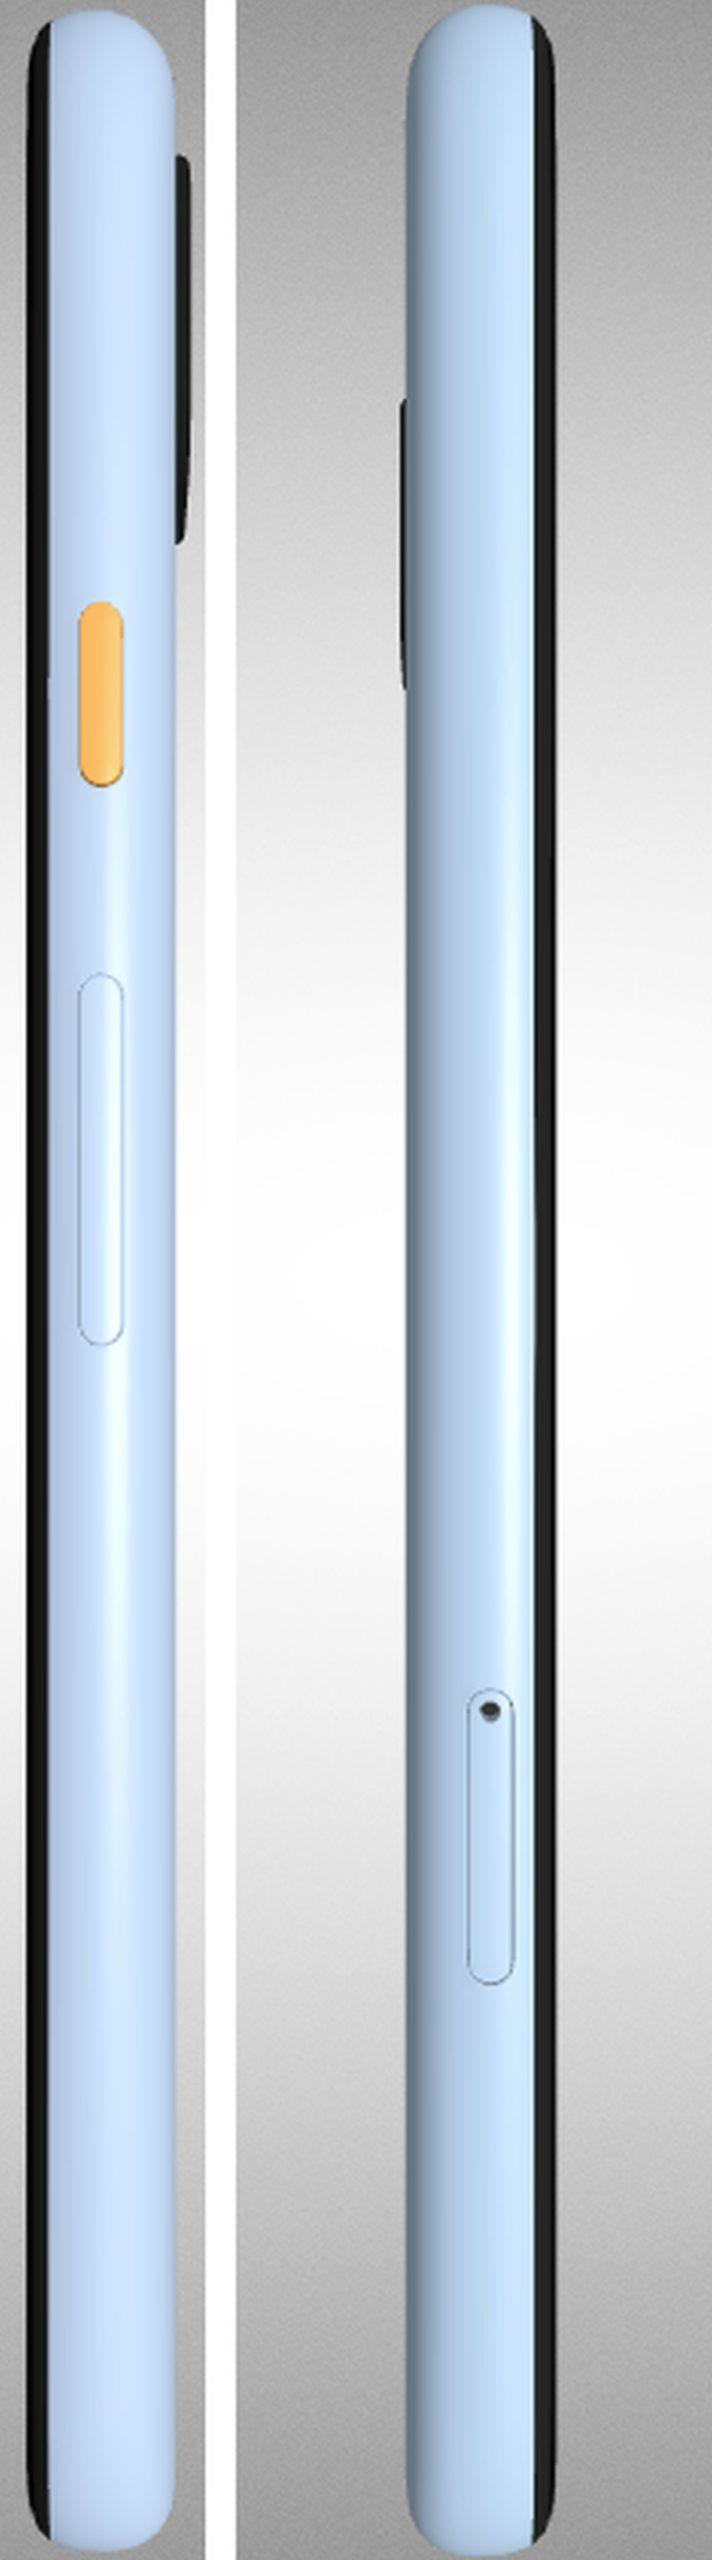 pixel 4a in blau side